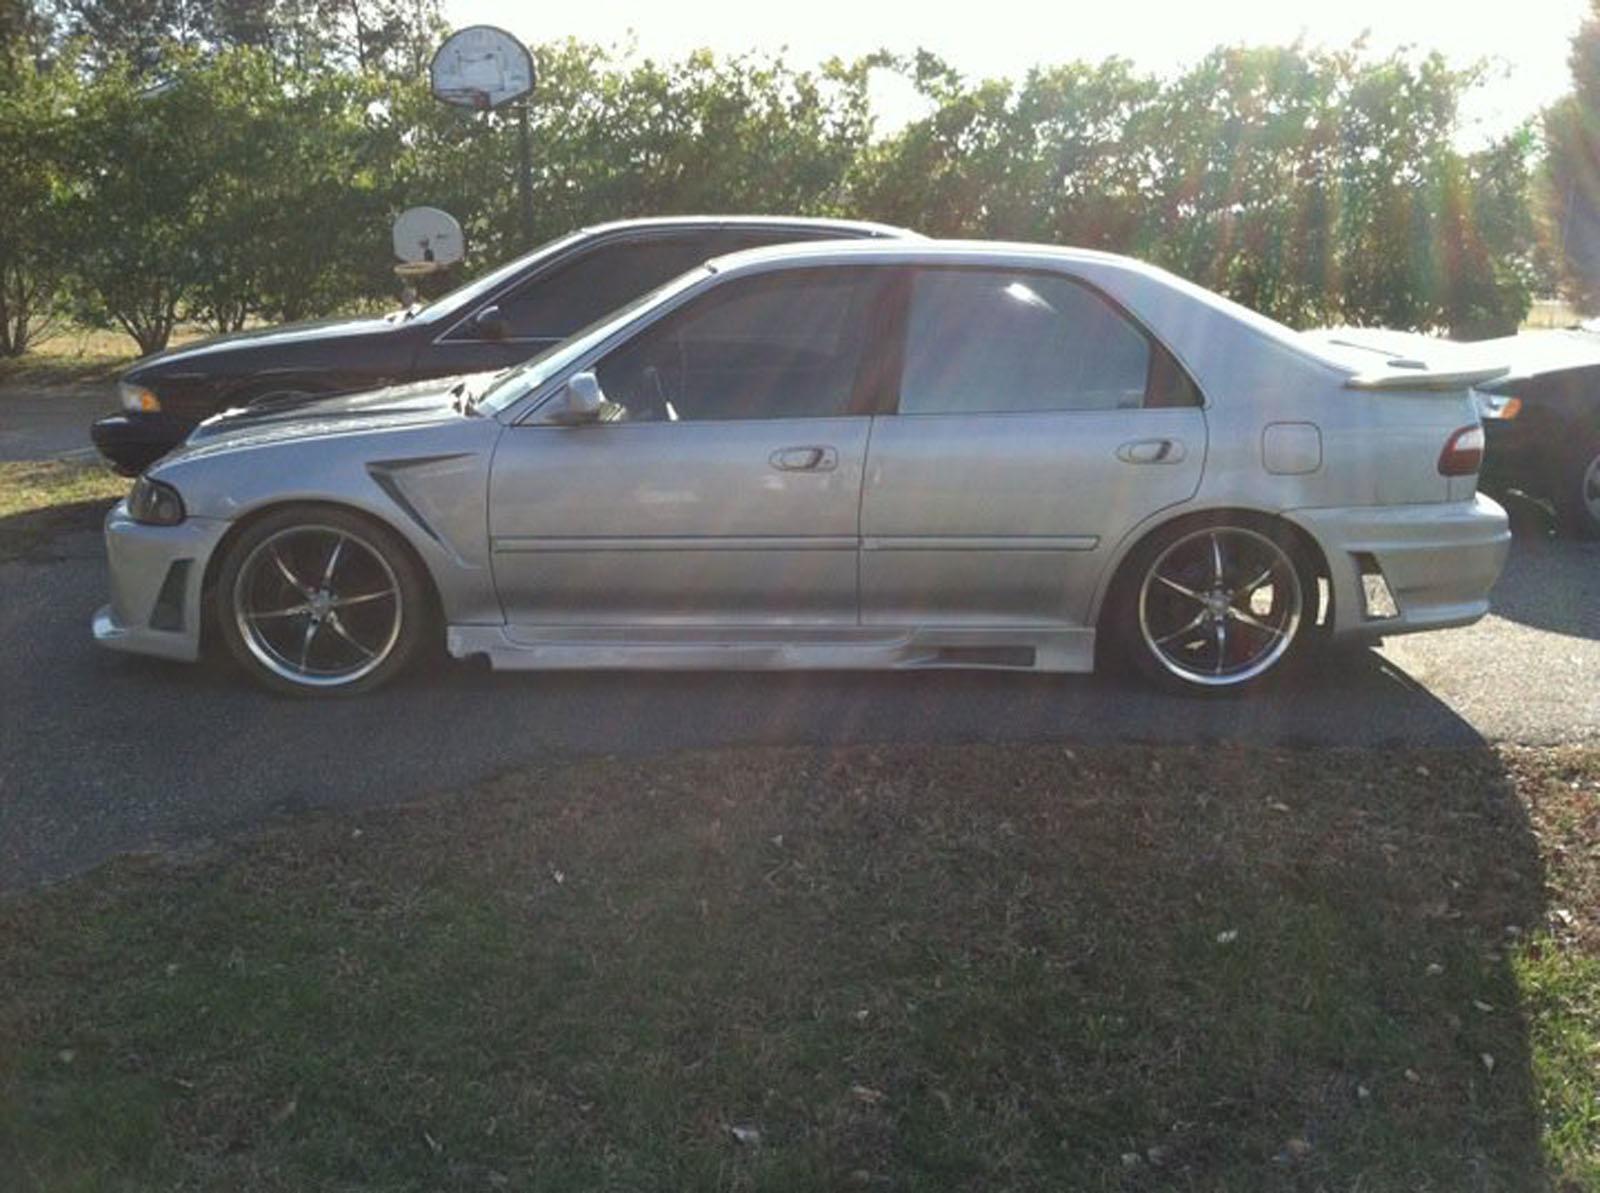 1995 Honda Honda Civic Lx Civic Lx For Sale Vale North Carolina